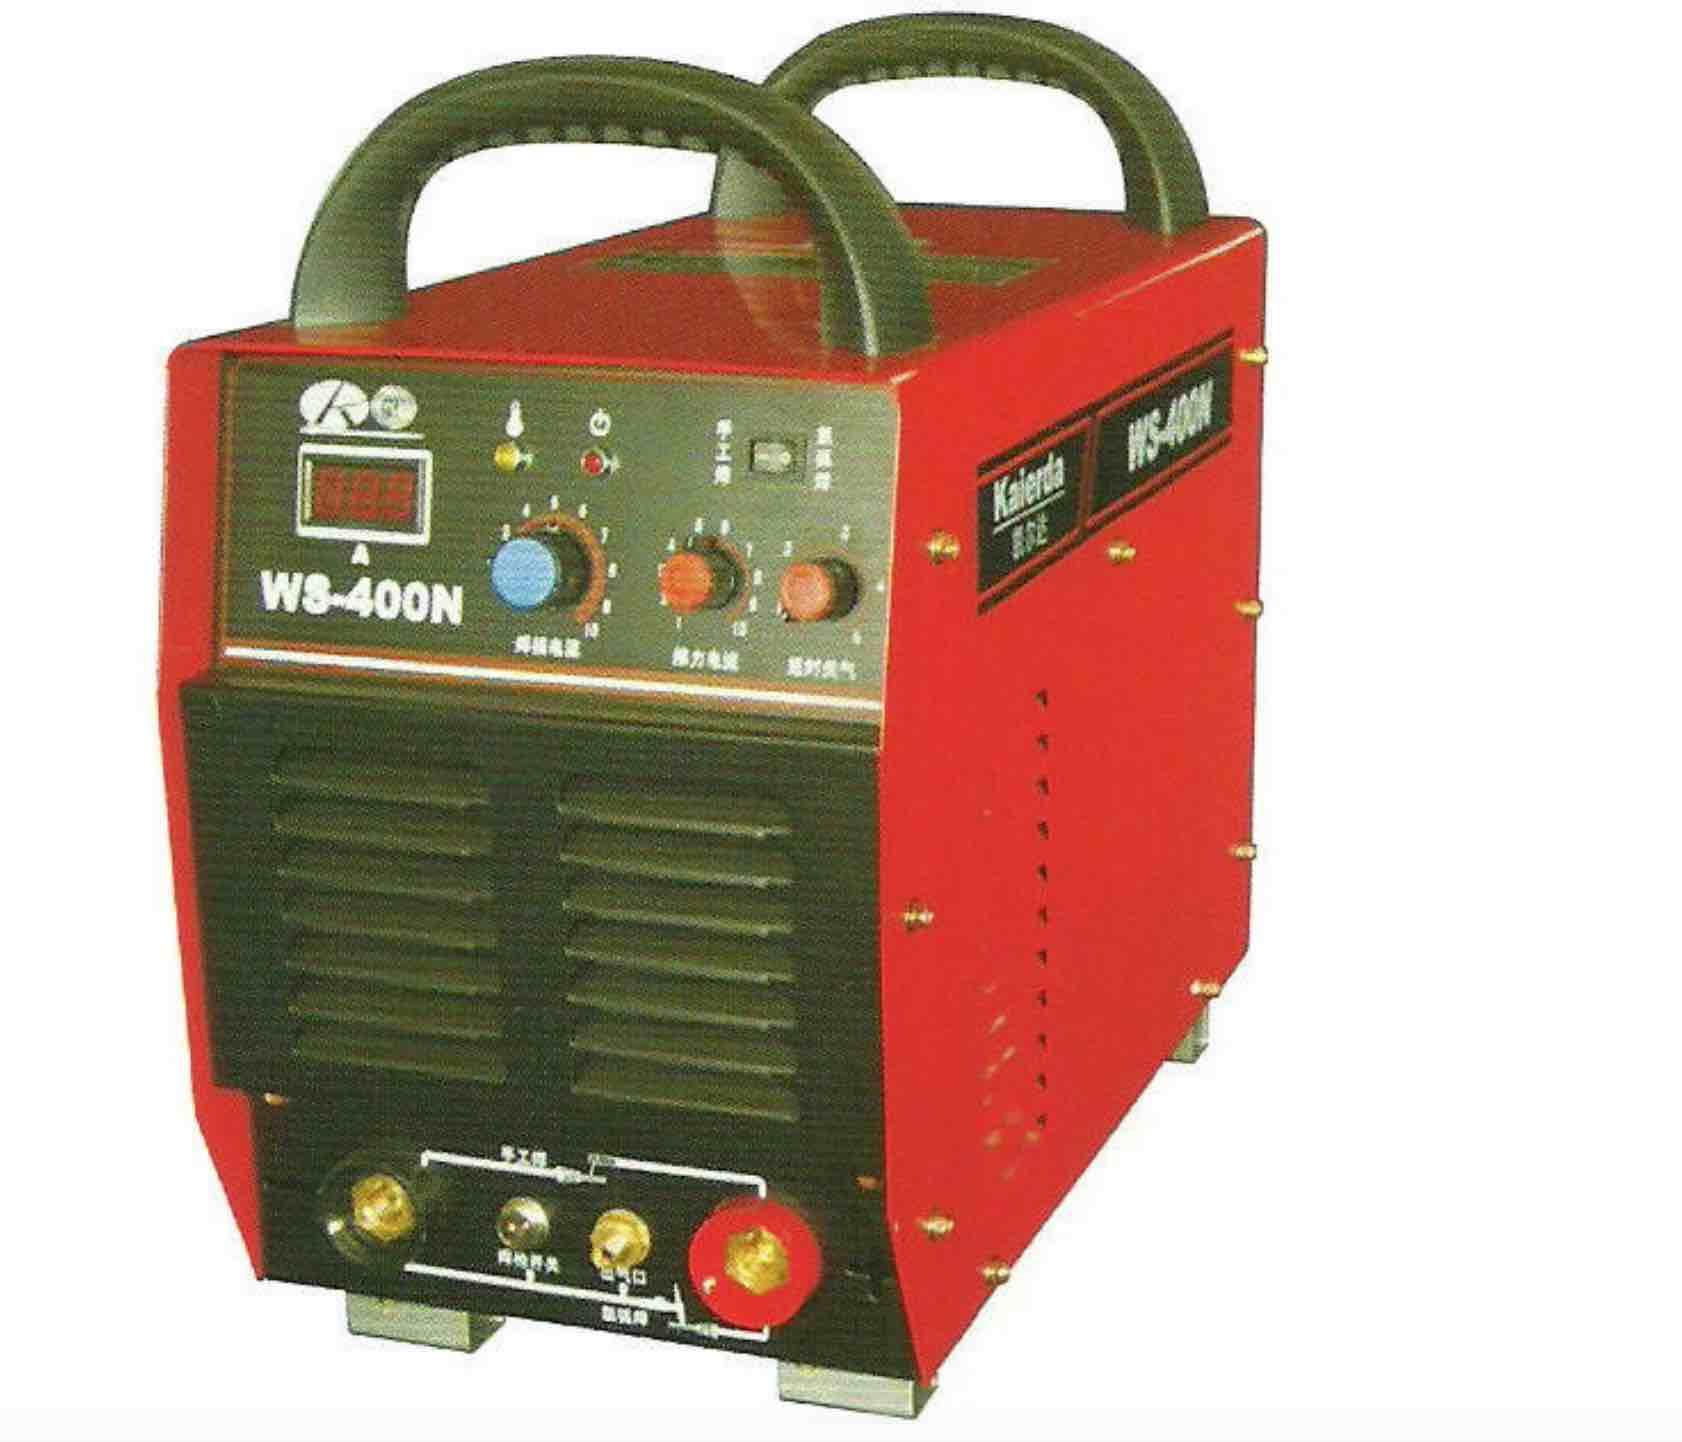 kaierda-tig-welding-machine-ws400n-1.jpg